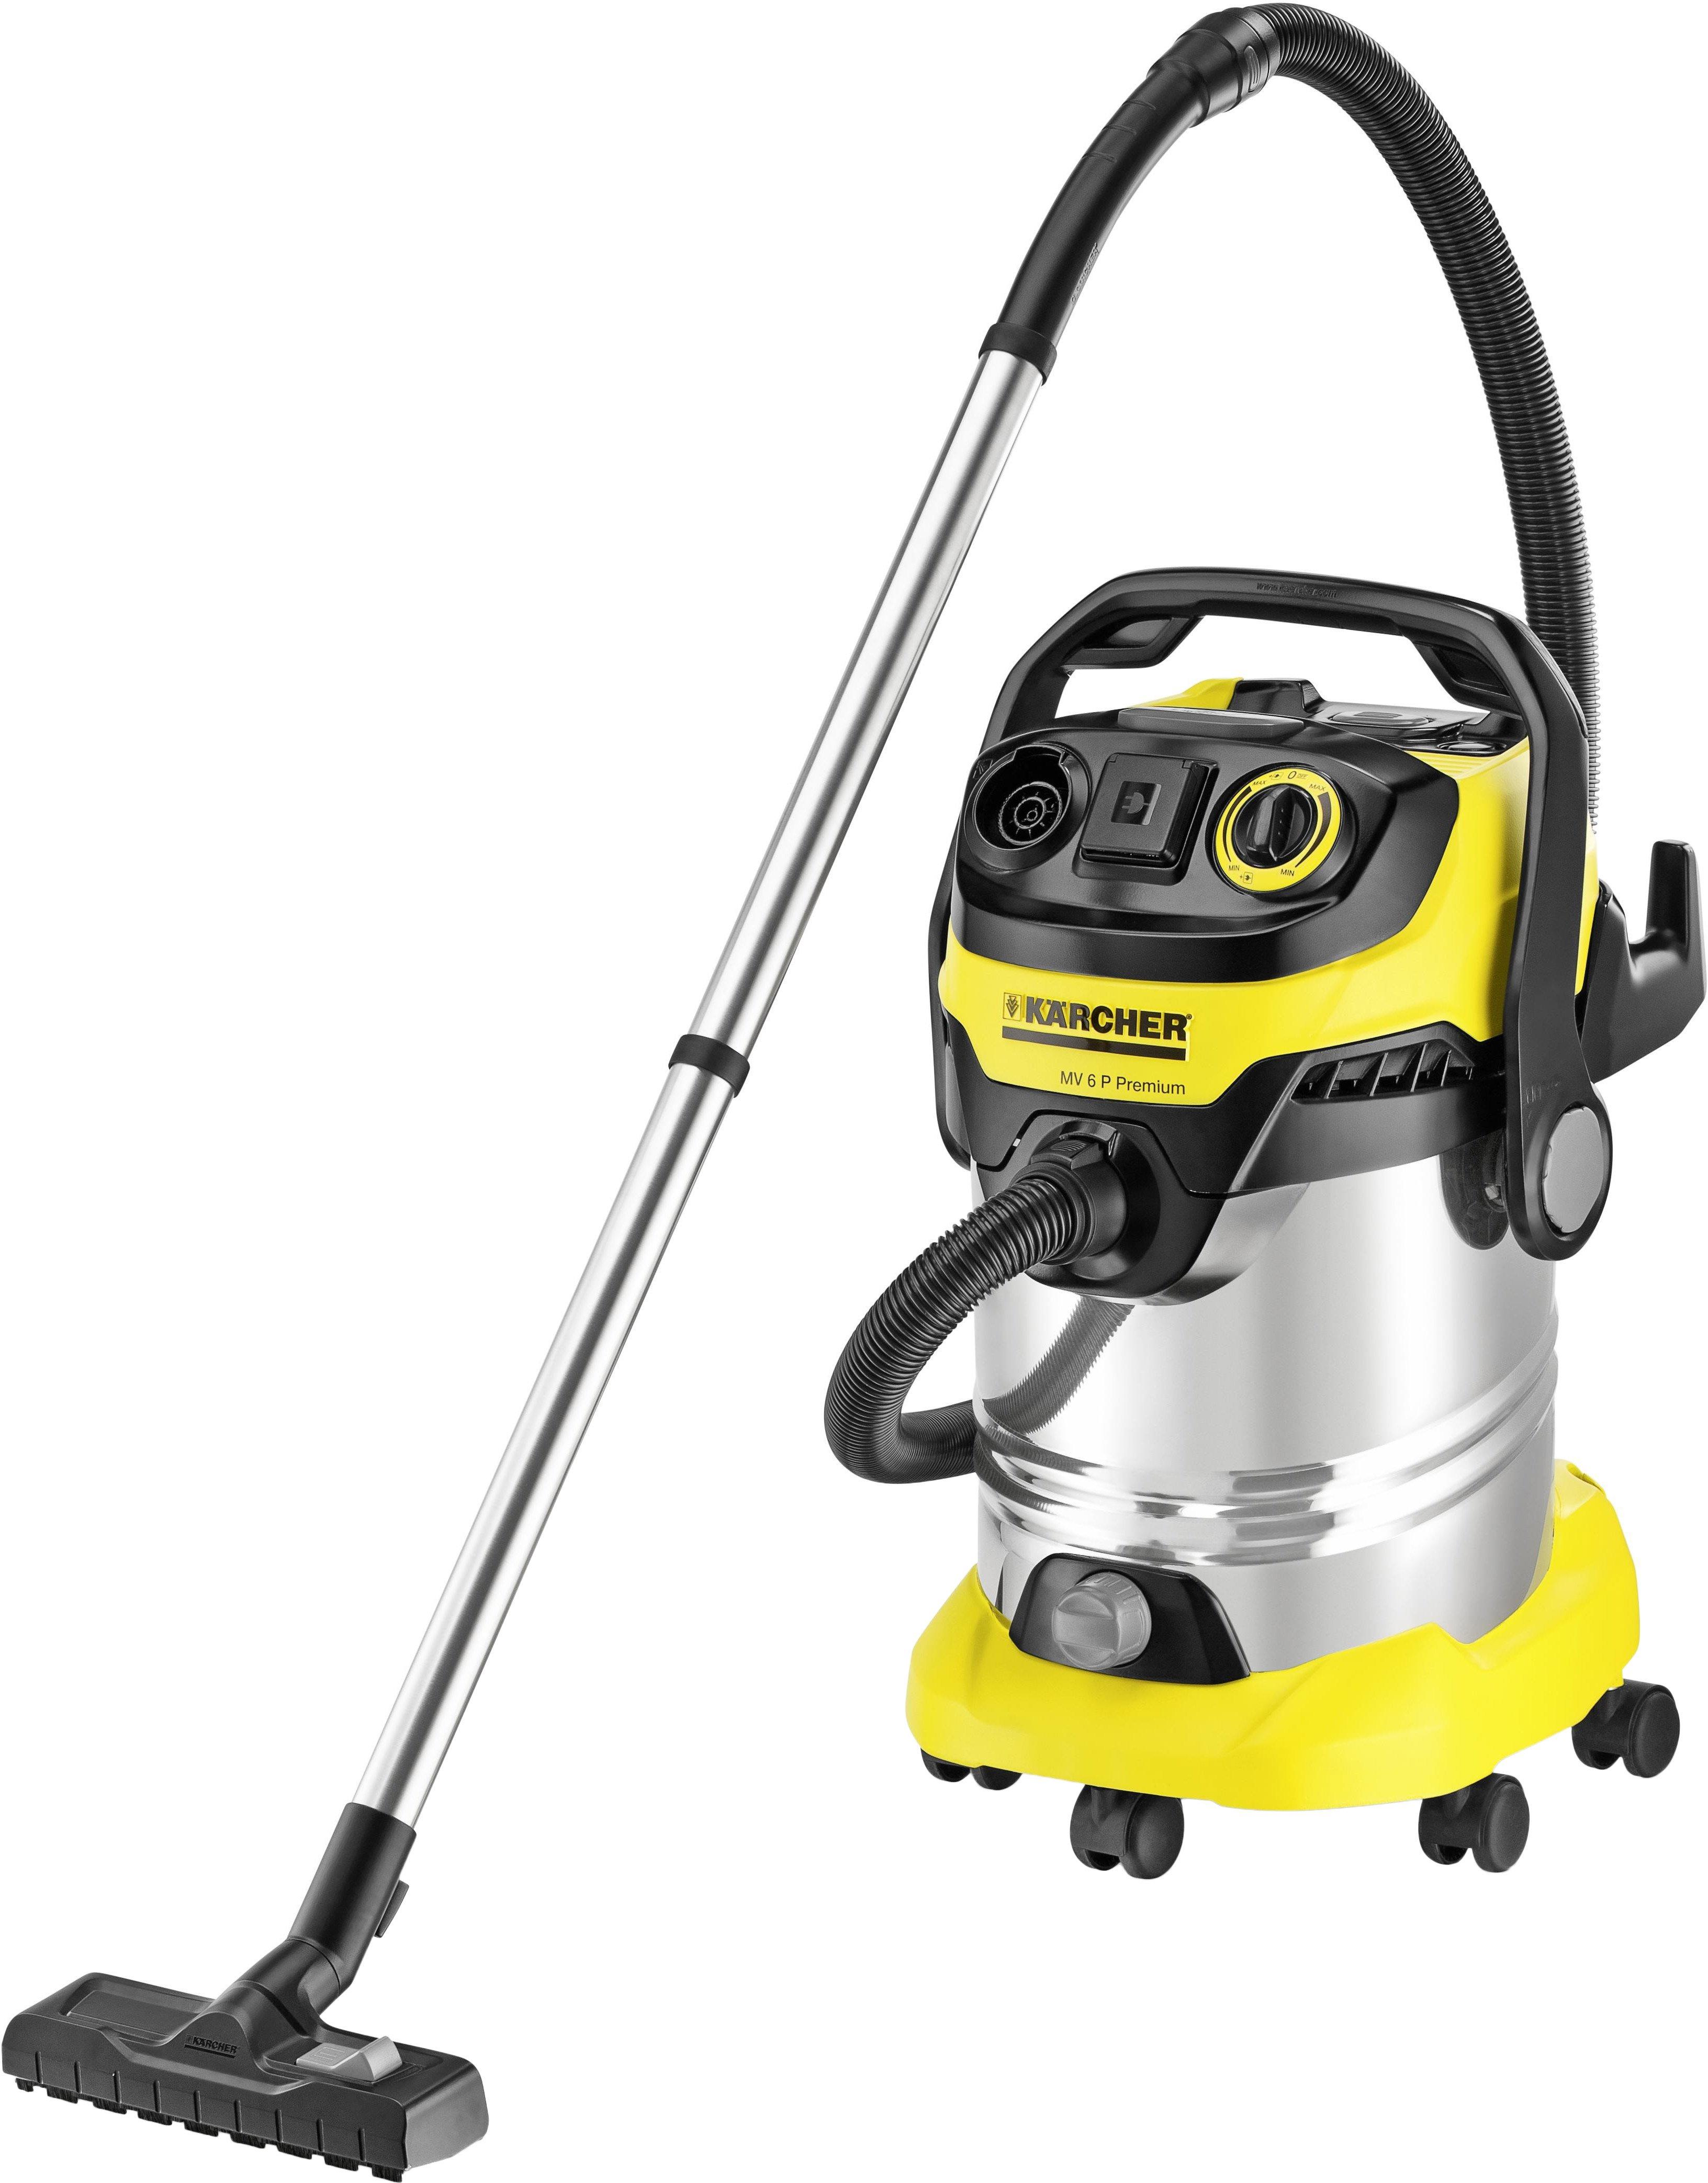 Karcher WD 6 P Premium 1.348-270.0